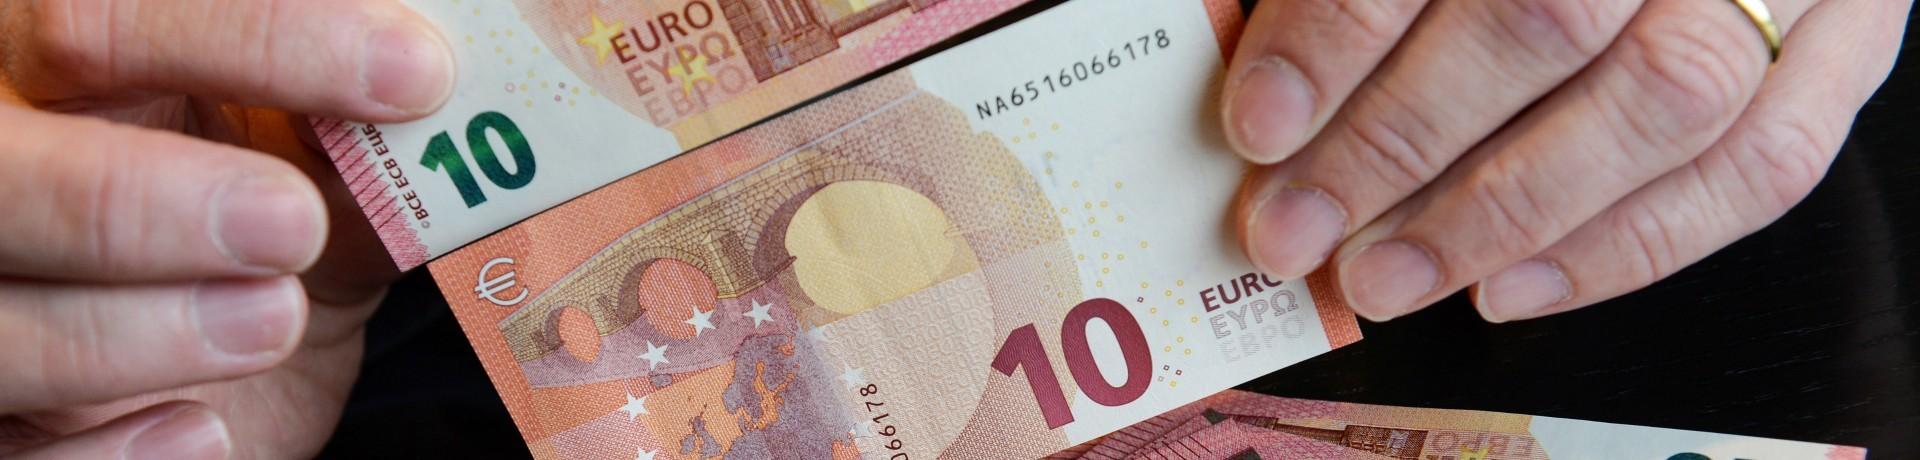 Le nouveau billet de 10 euros présenté en Allemagne, le 11 septembre 2014.